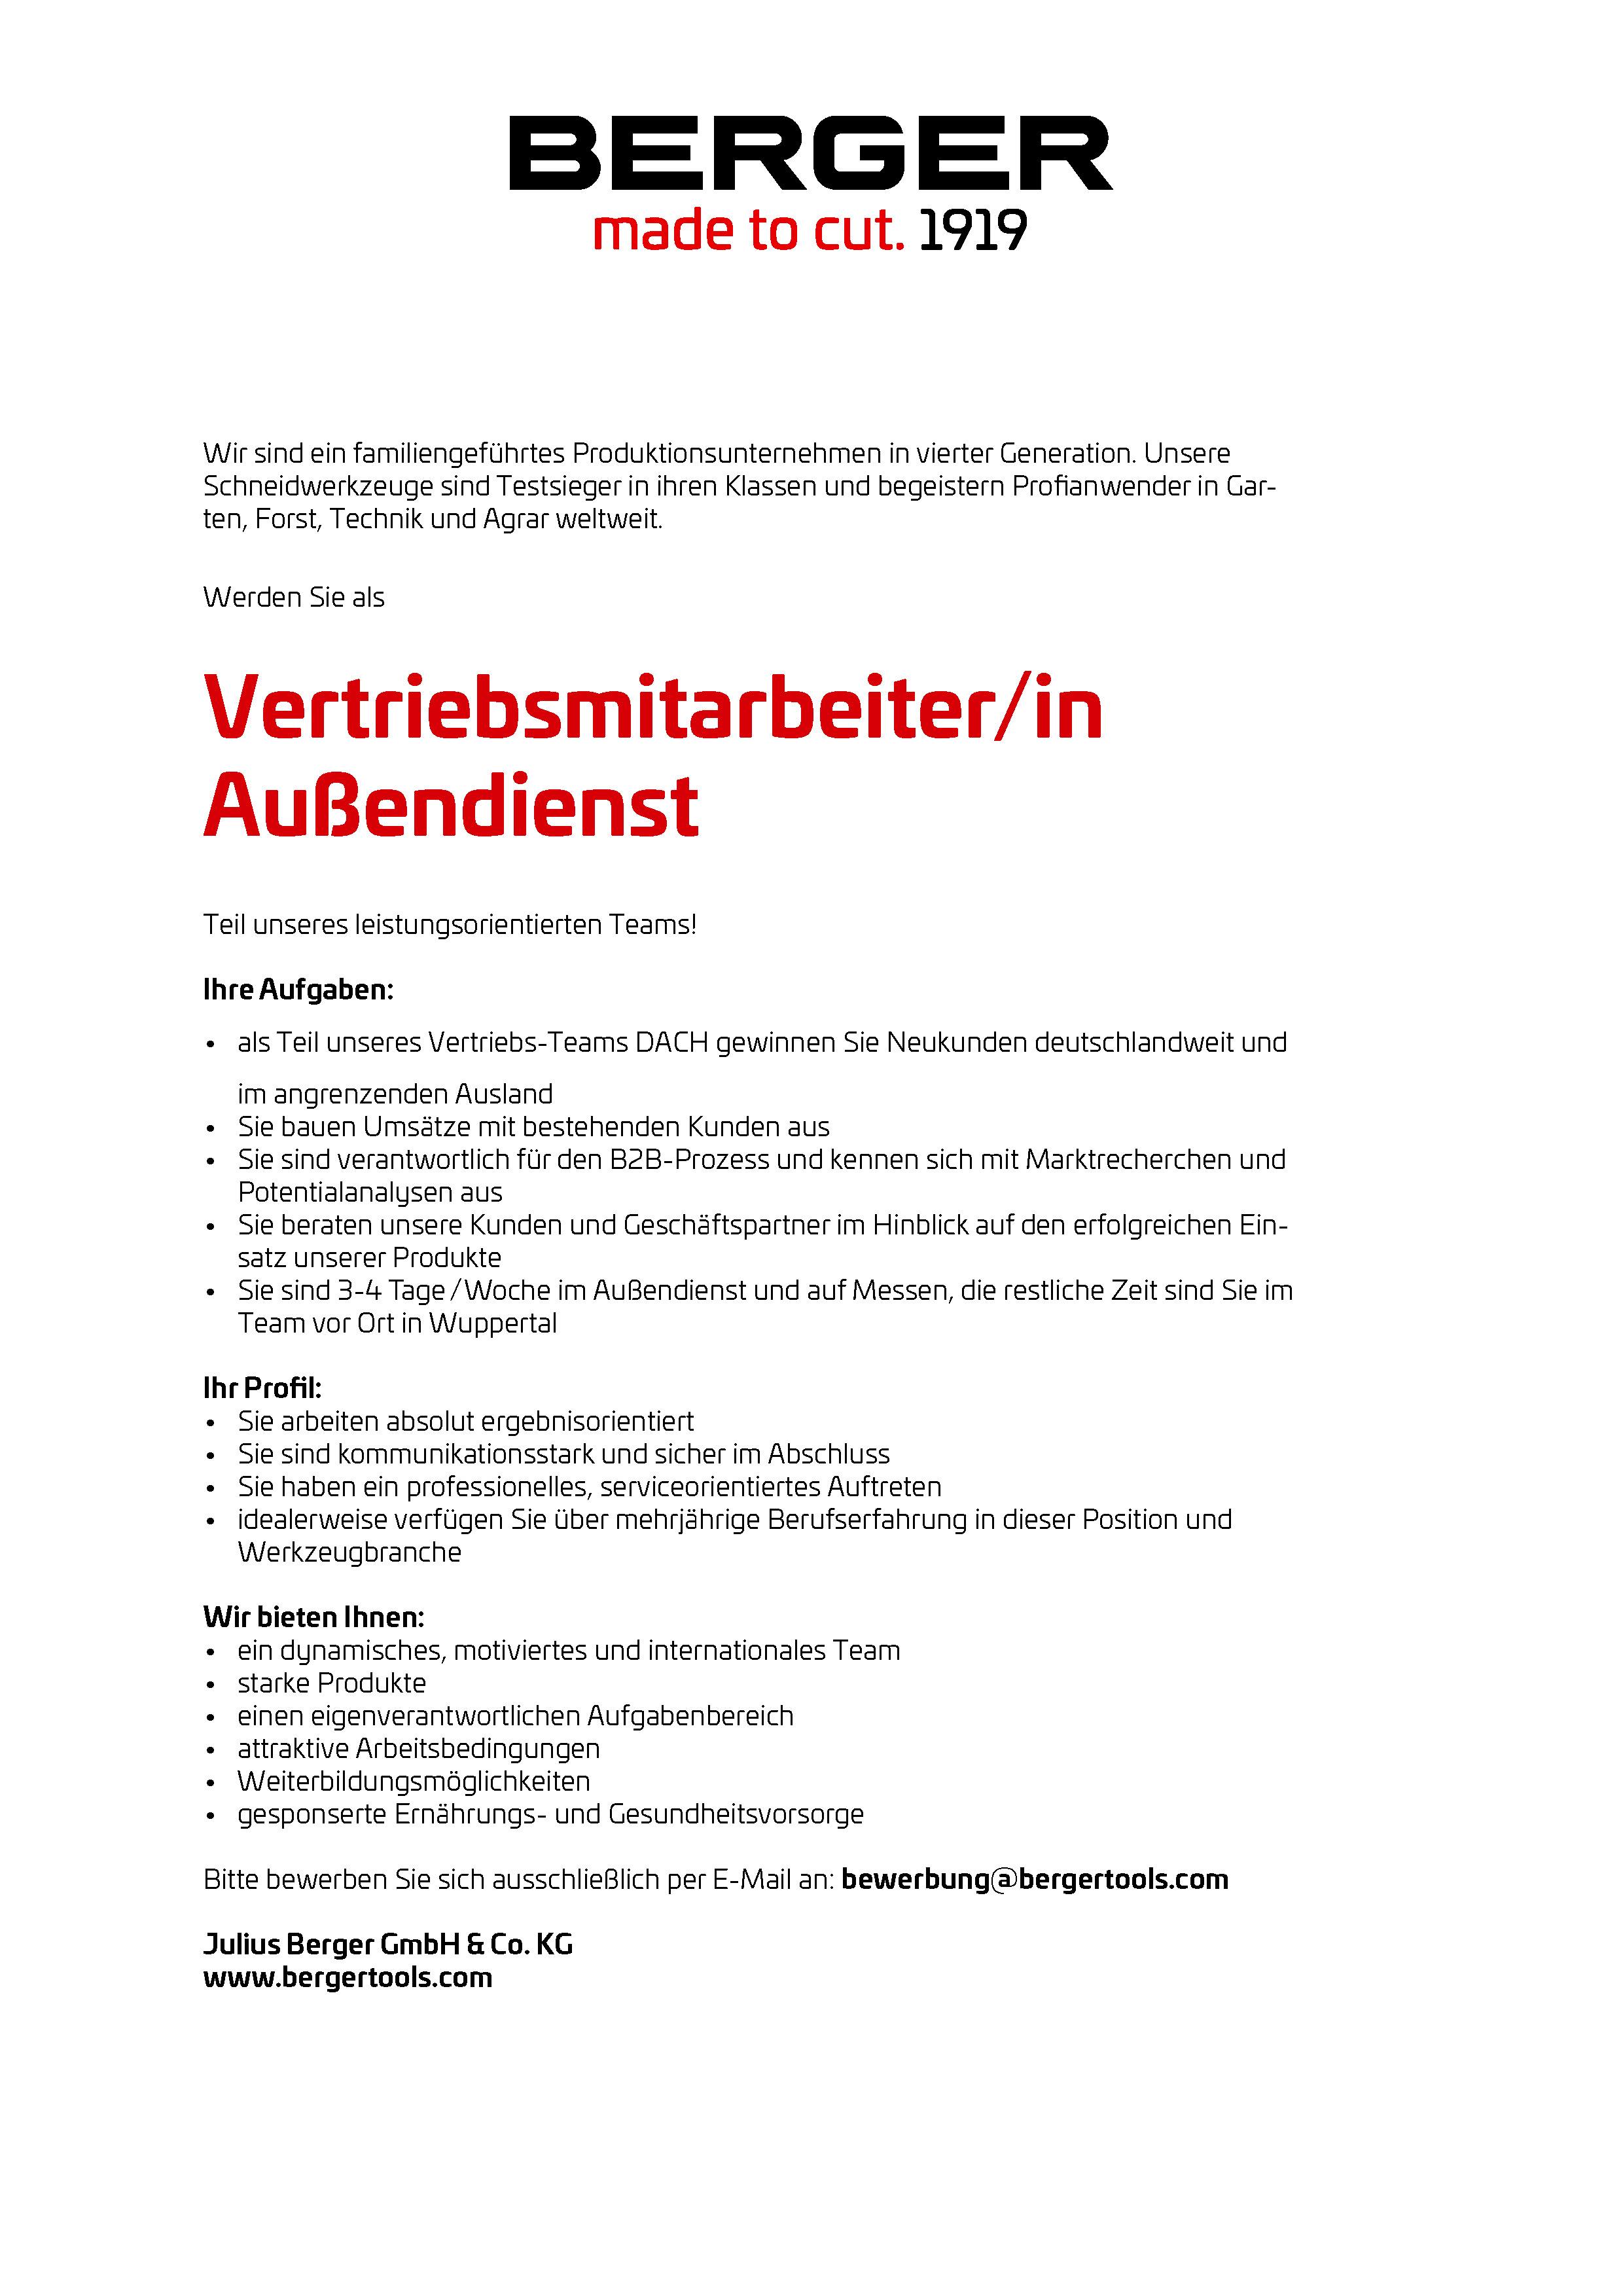 careers at julius berger gmbh co kg - Bewerbung Ausendienst